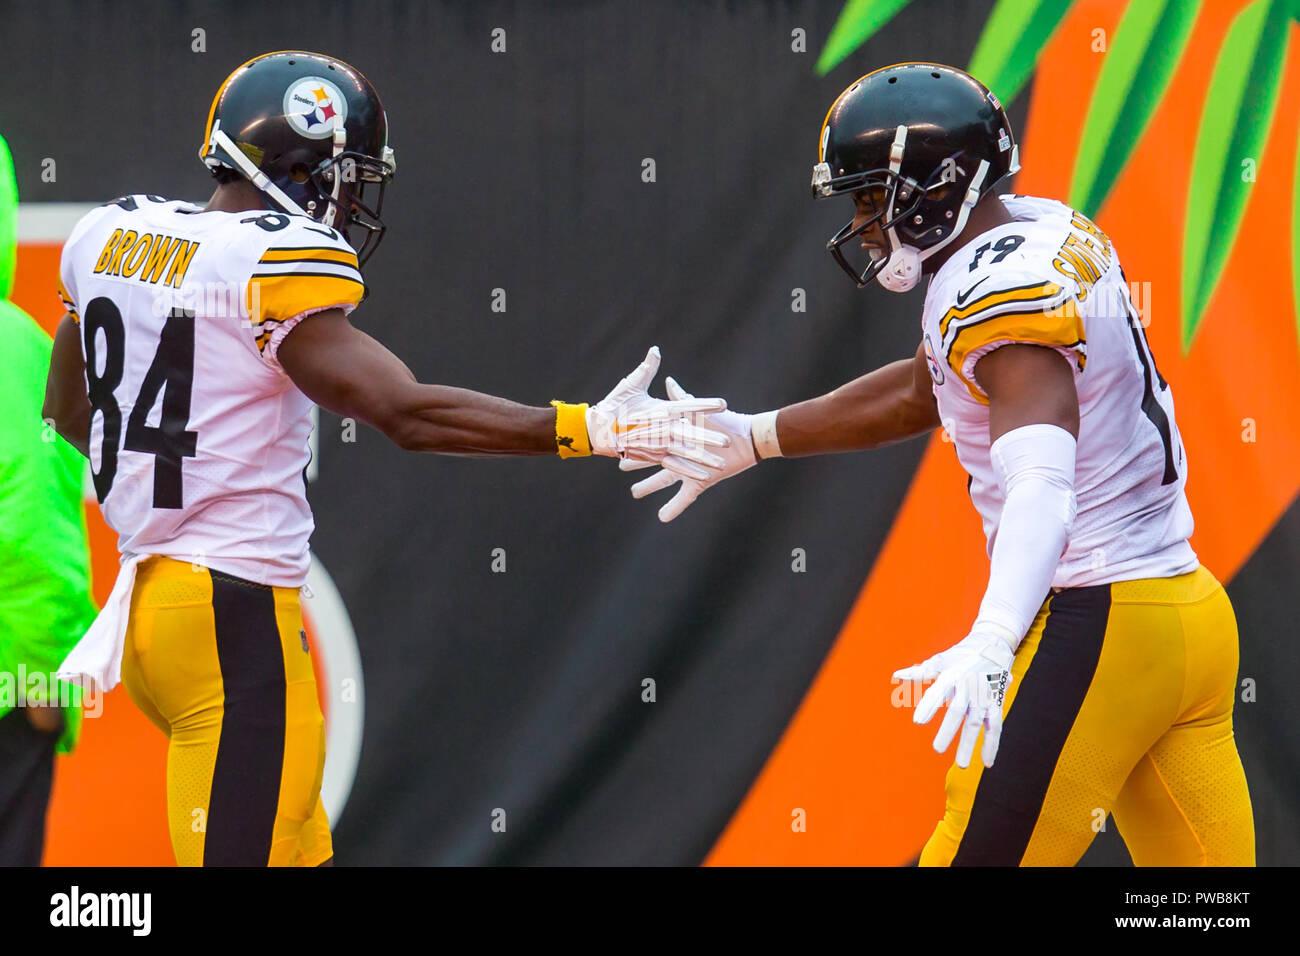 11d417d91 Pittsburgh Steelers wide receiver Antonio Brown (84) celebrates with Pittsburgh  Steelers wide receiver JuJu Smith-Schuster ...